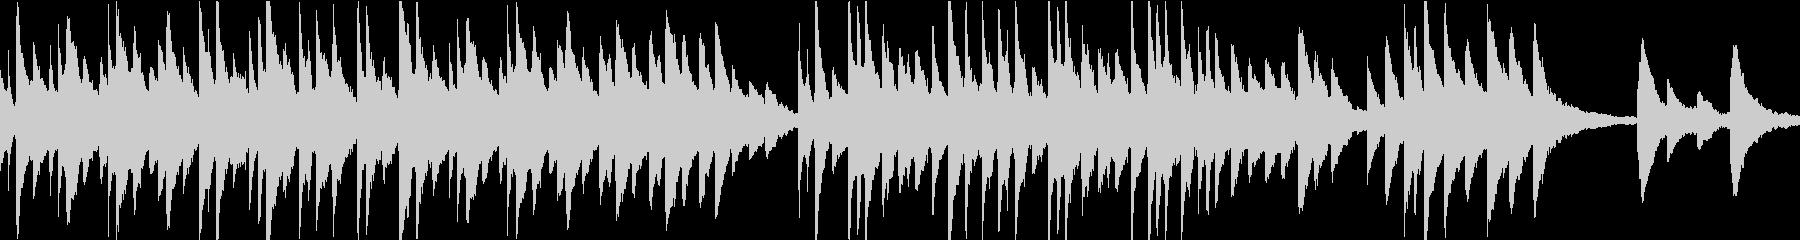 切なく温かいオルゴール(ループ)の未再生の波形